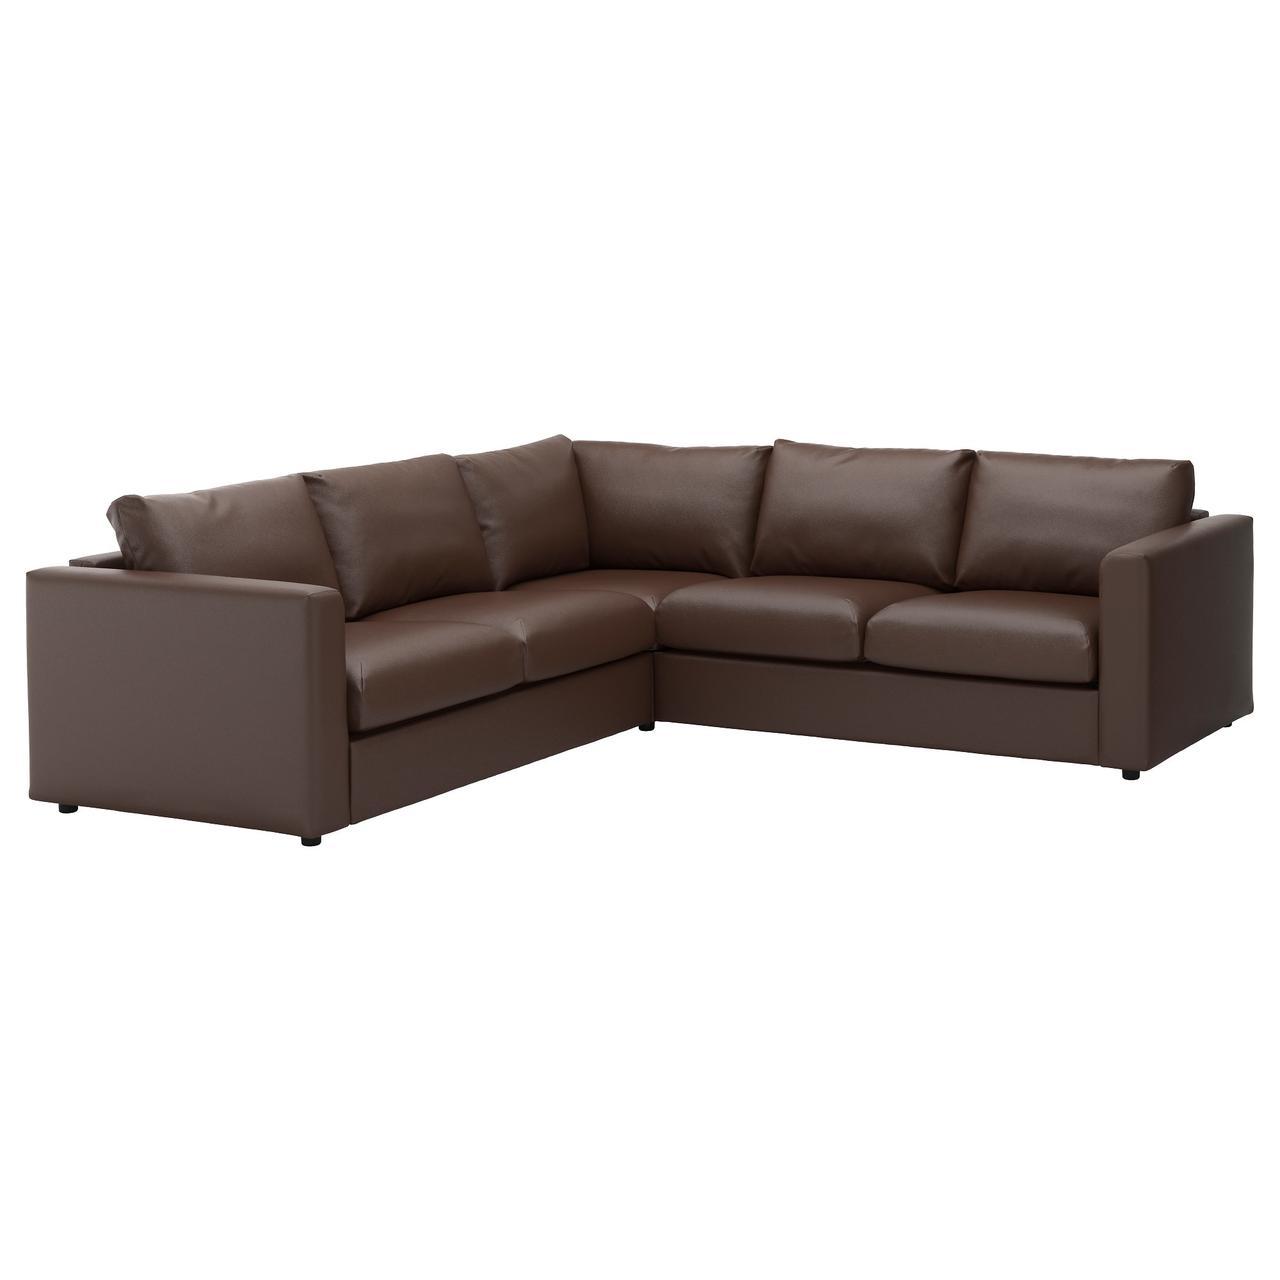 ВИМЛЕ 4-местный угловой диван, Фарста черный